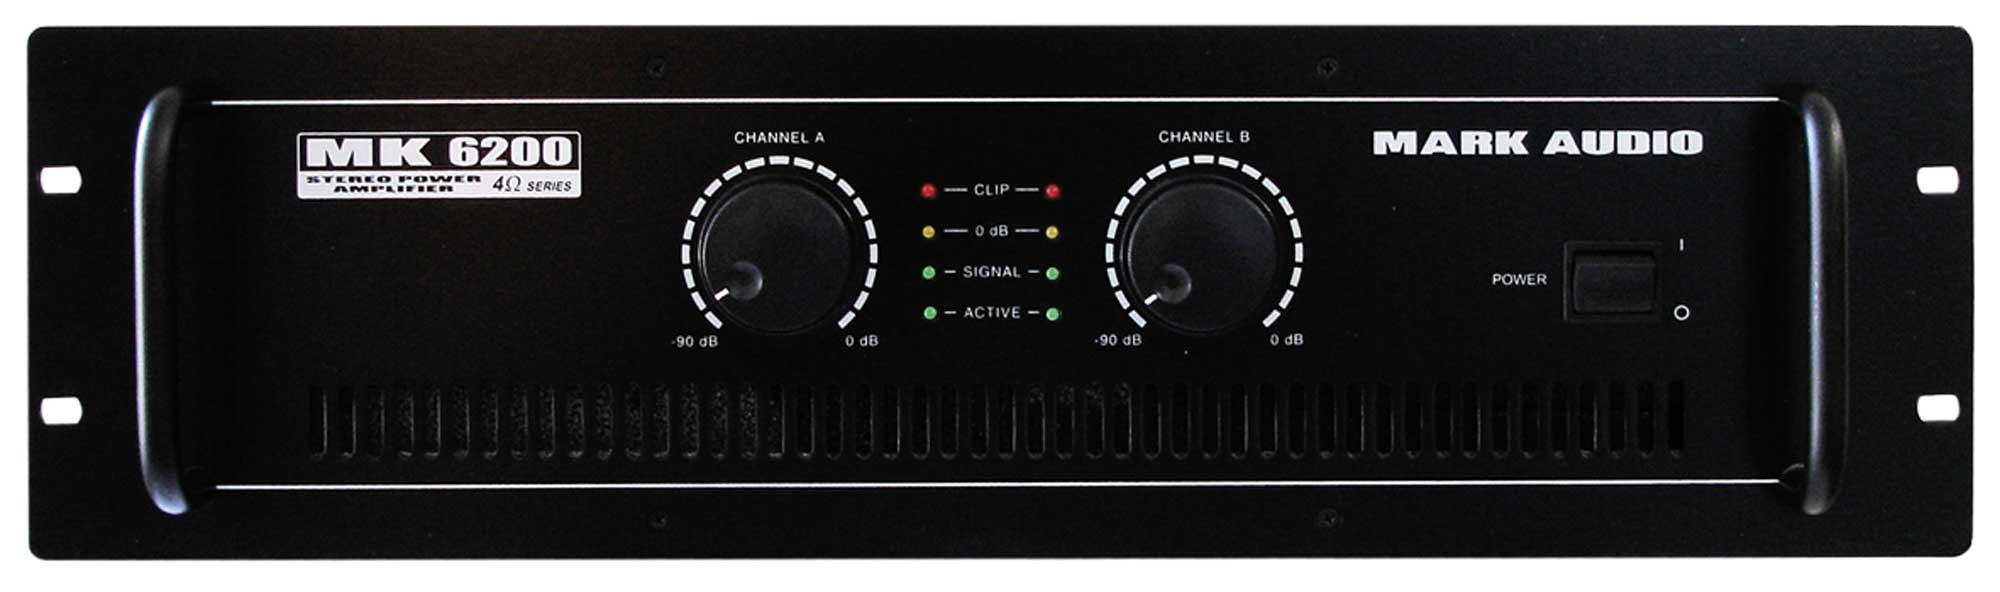 Amplificador Potencia Mark Audio MK6200 1200WRMS 4OHMS